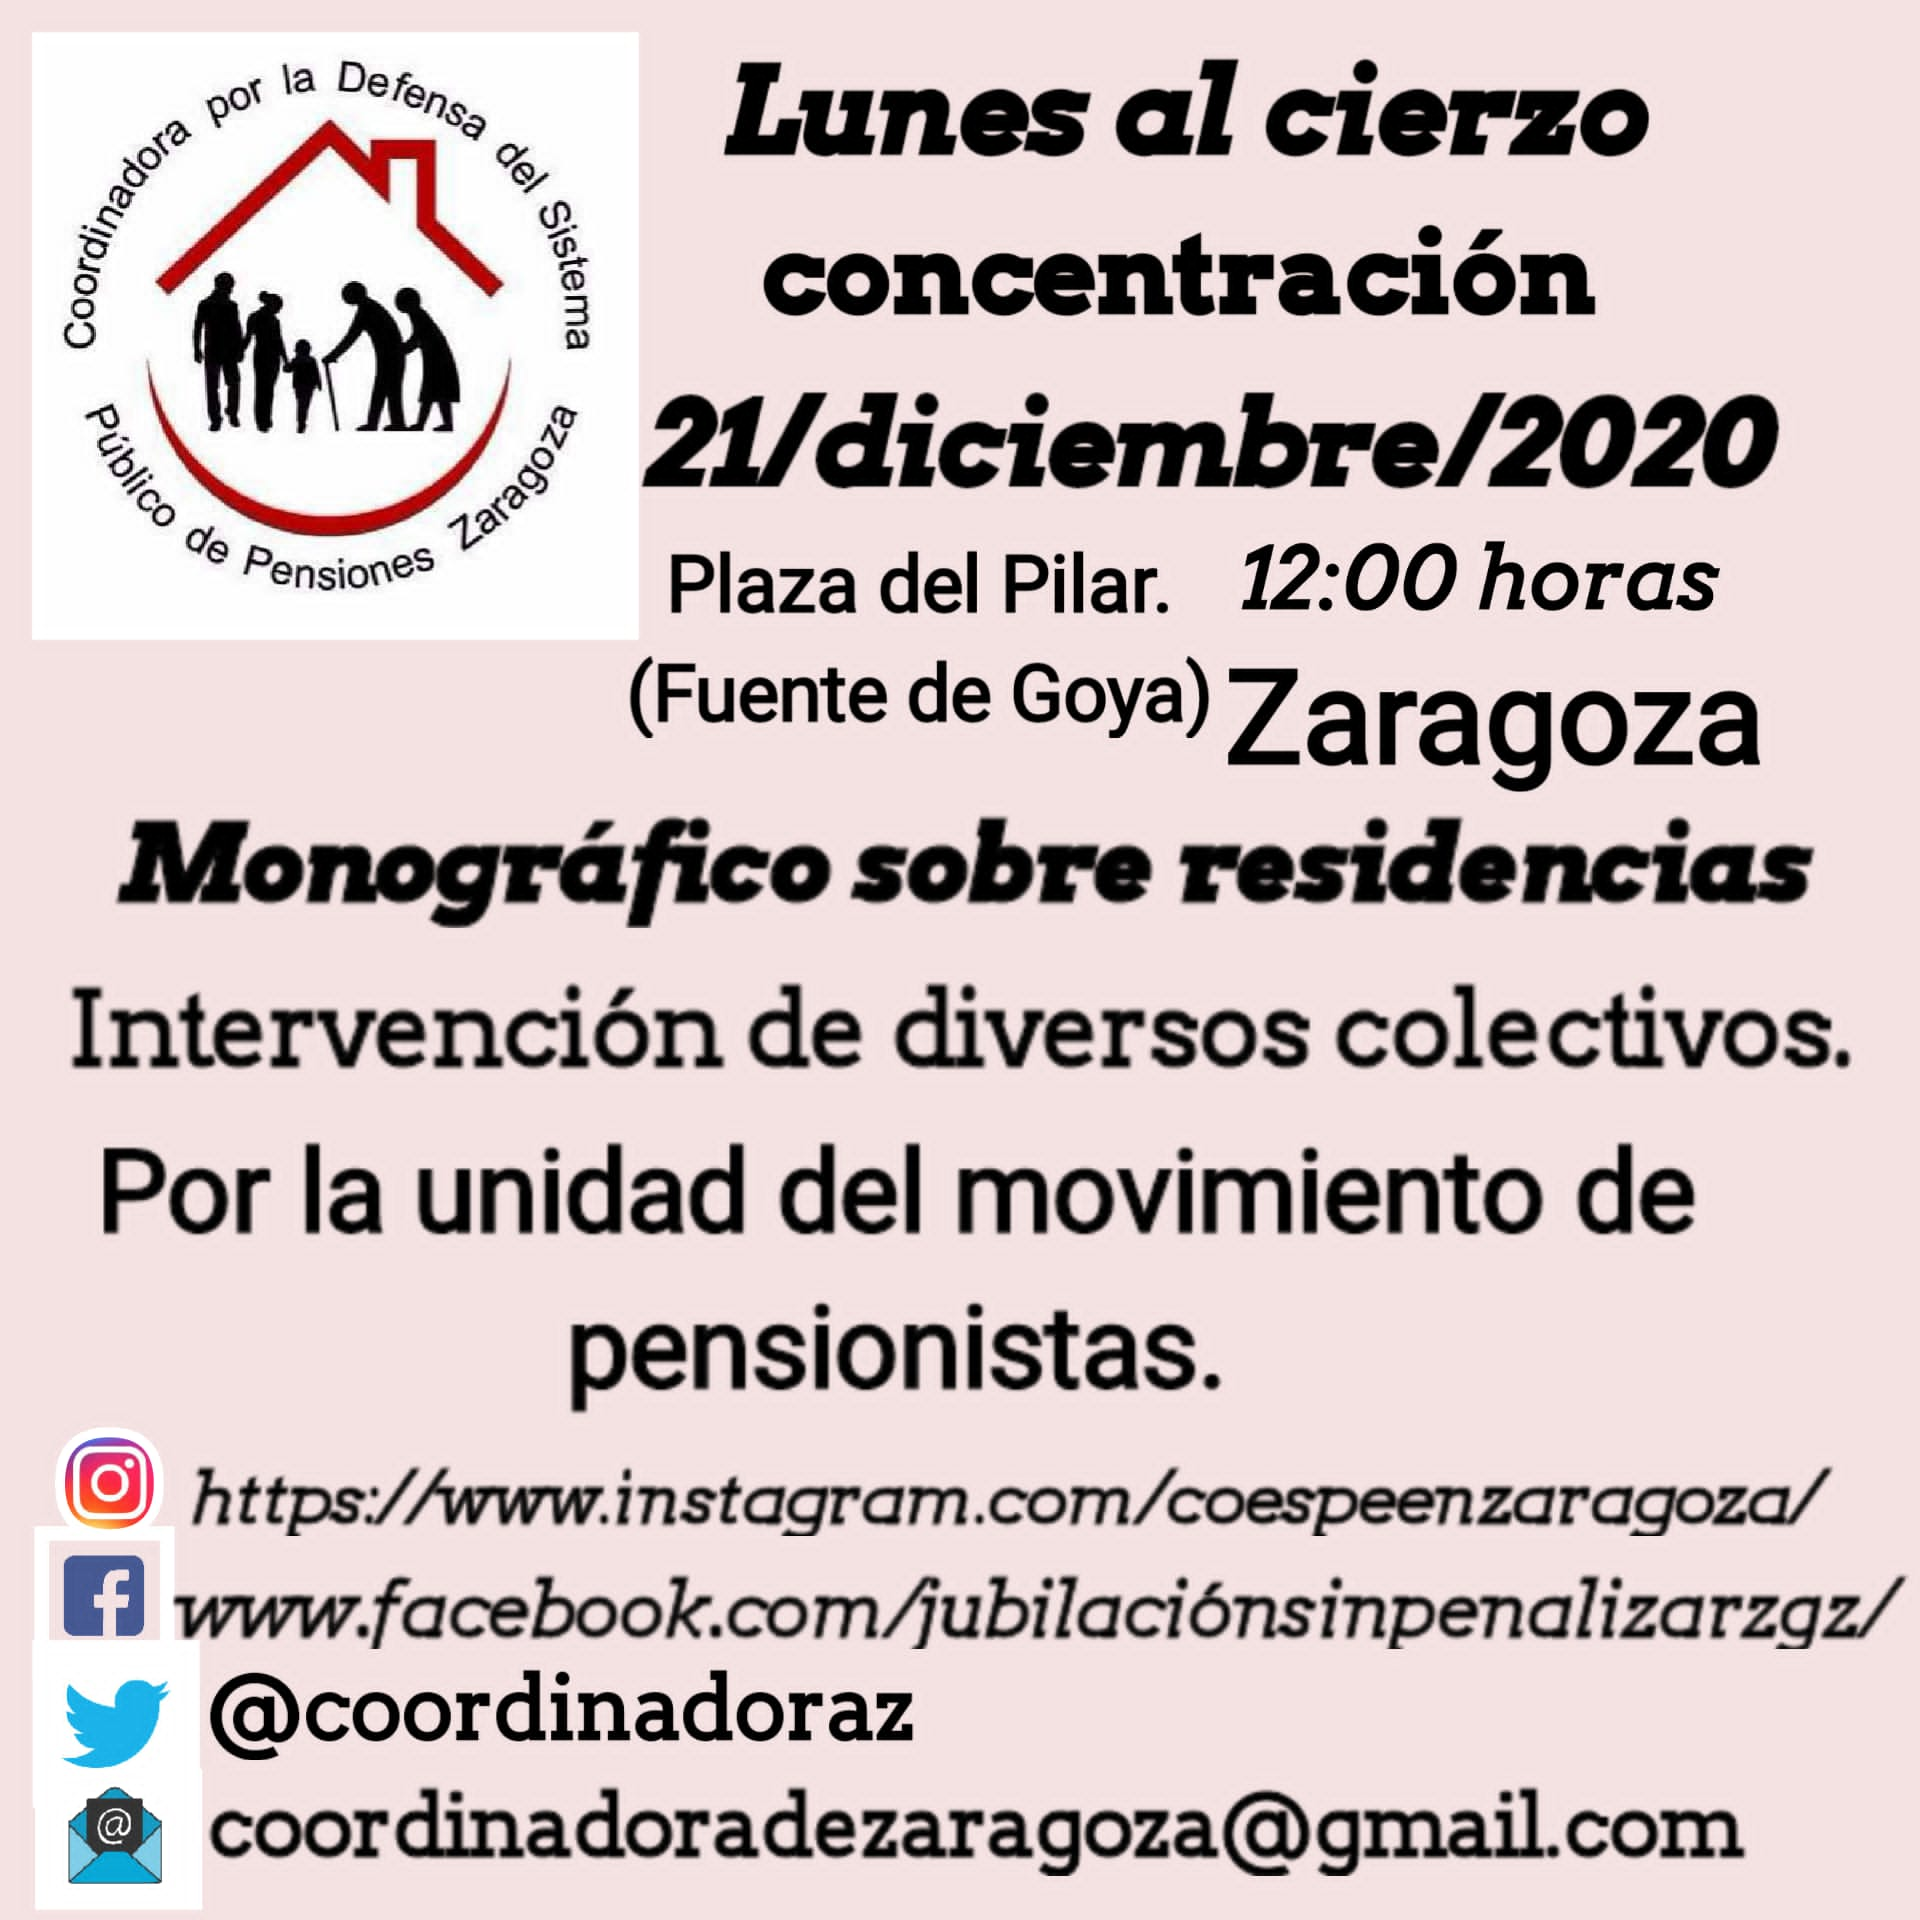 21 de Diciembre, Lunes al Cierzo, Plaza del Pilar 12:00 h. Dedicado a nuestros mayores y a las residencias.